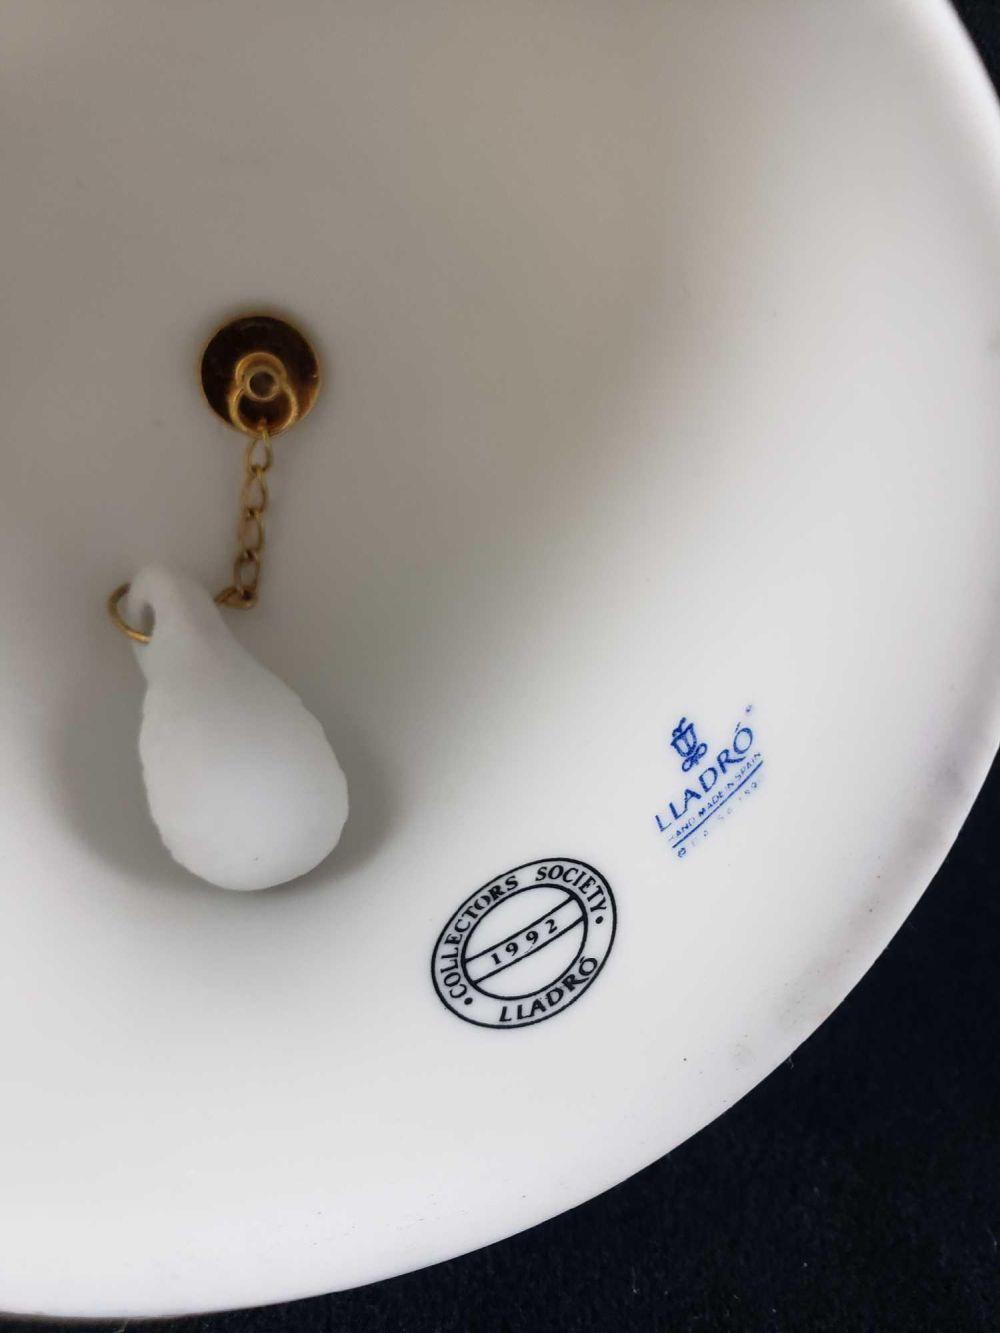 Lot 126: Lladro Summer Bell